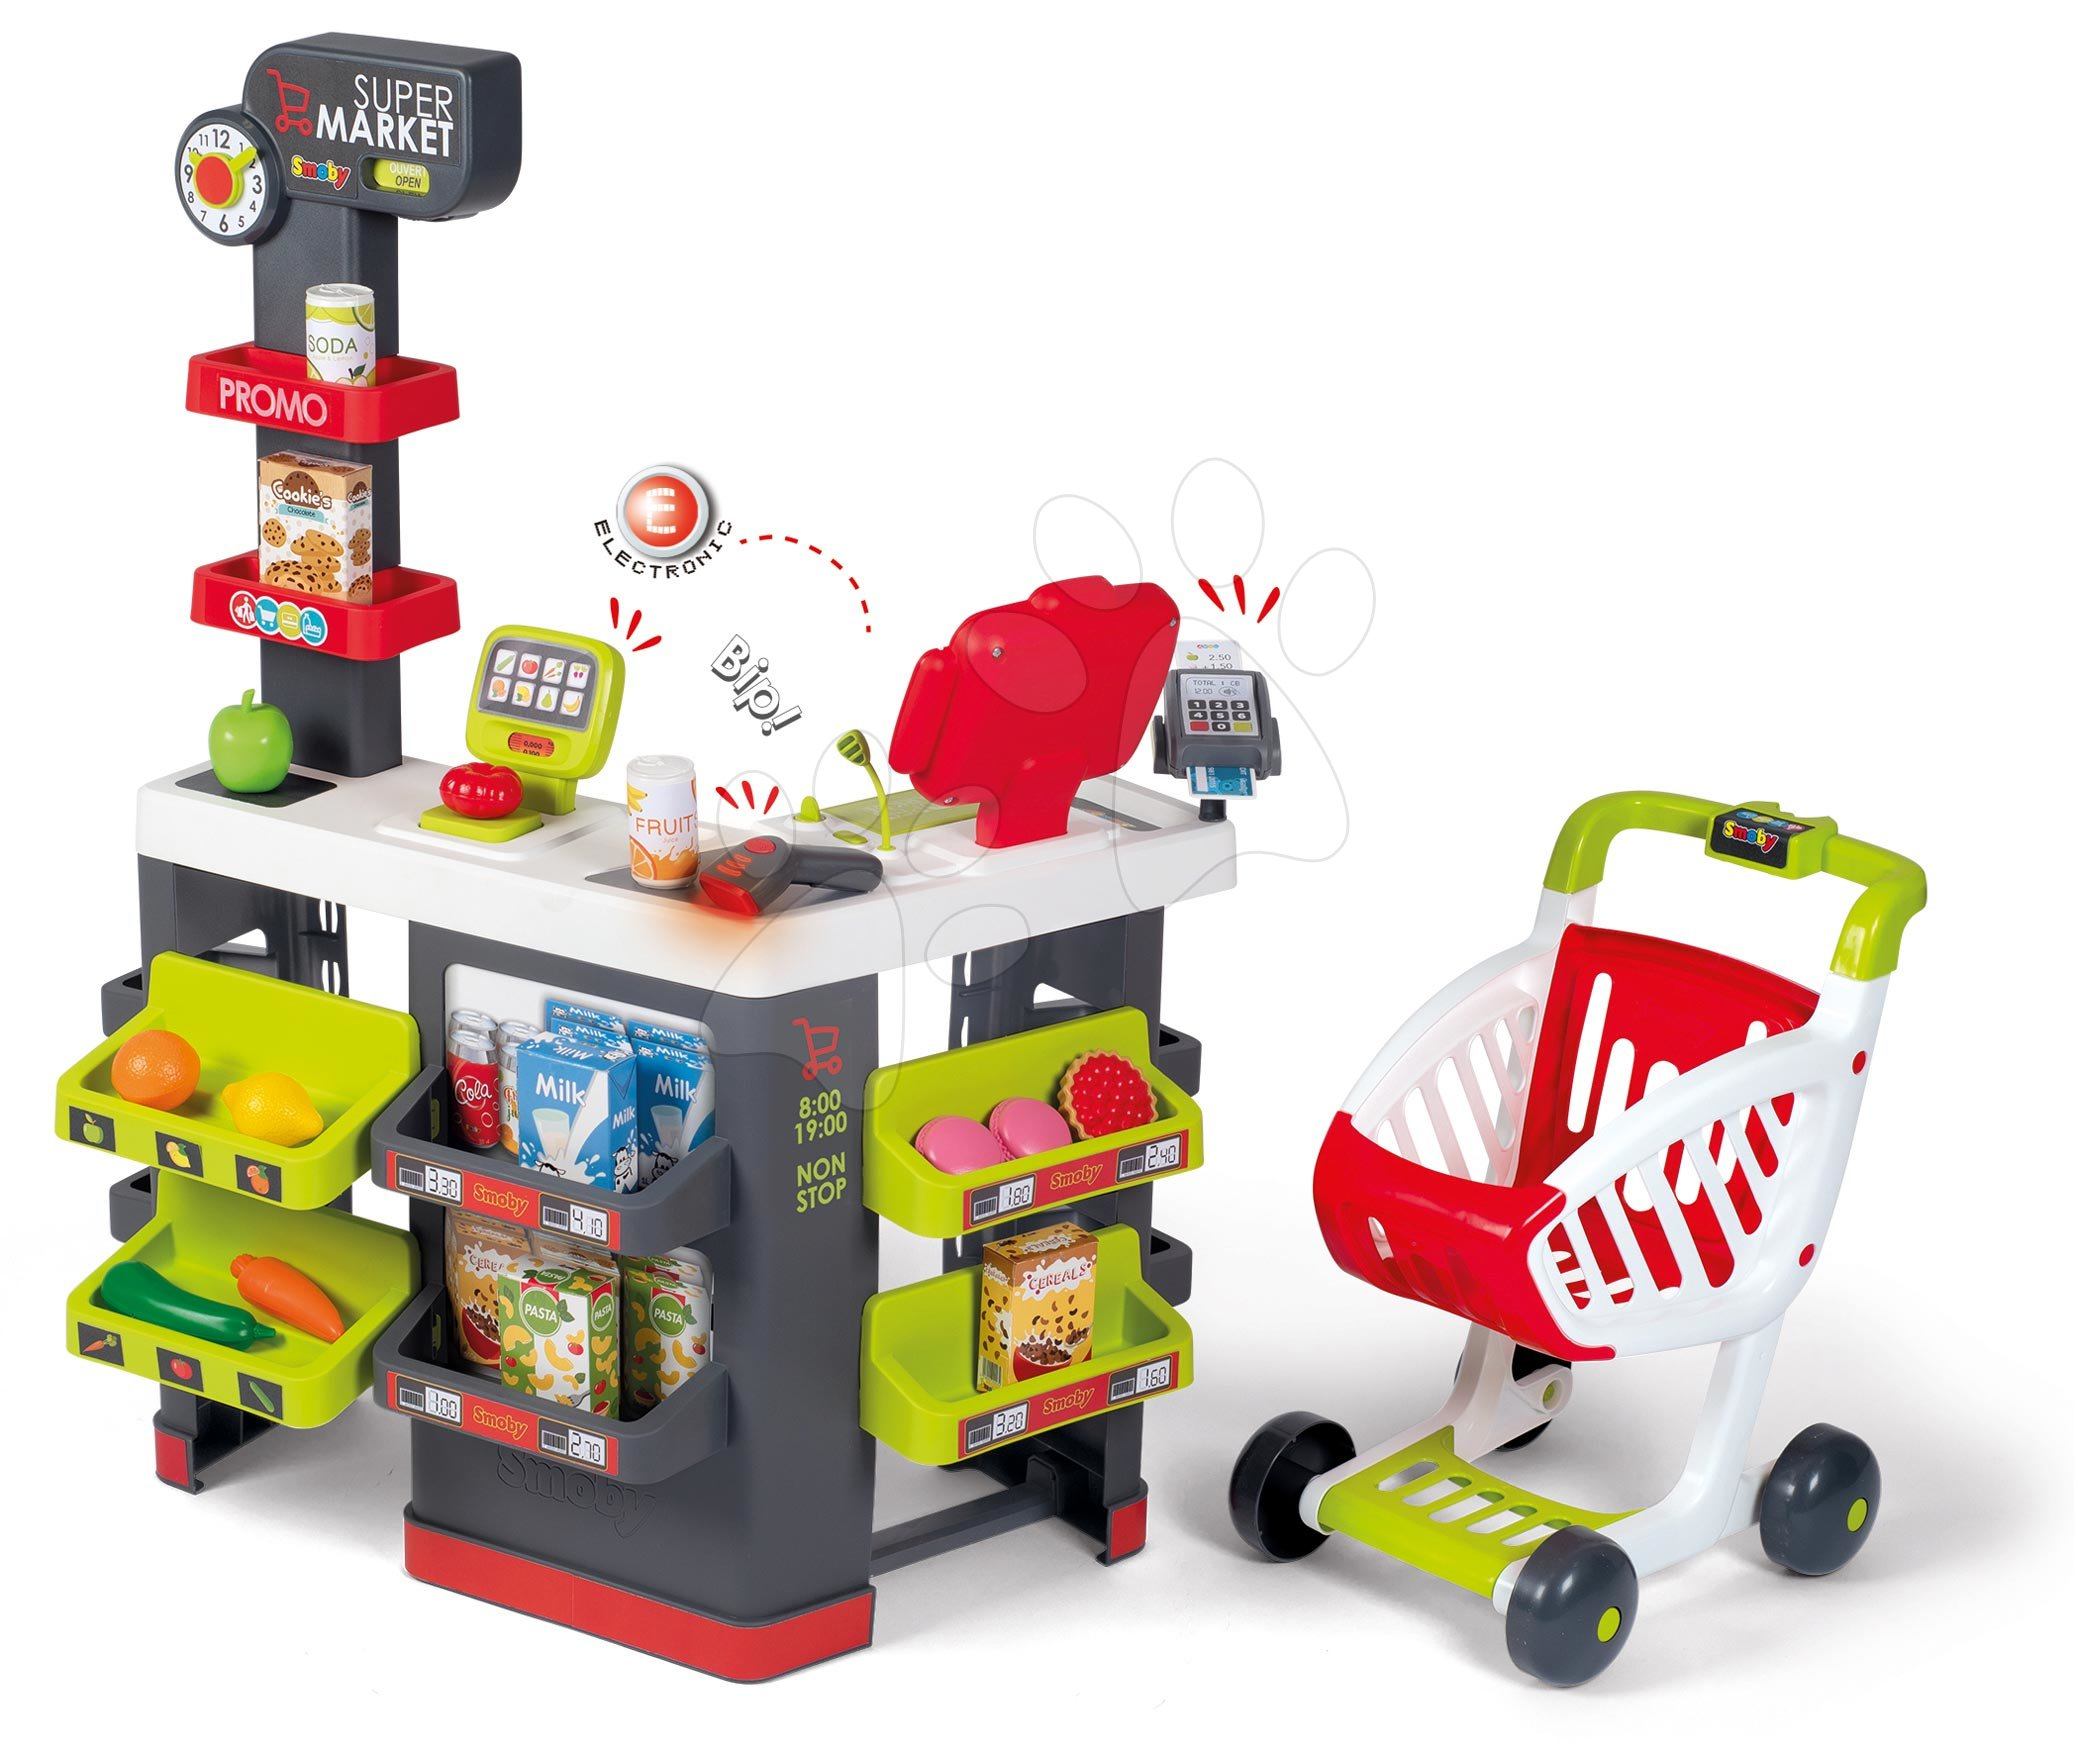 Trgovine za otroke - Trgovina z vozičkom in živili Supermarket Smoby z elektronsko blagajno in skenerjem ter tehtnico z 42 dodatki